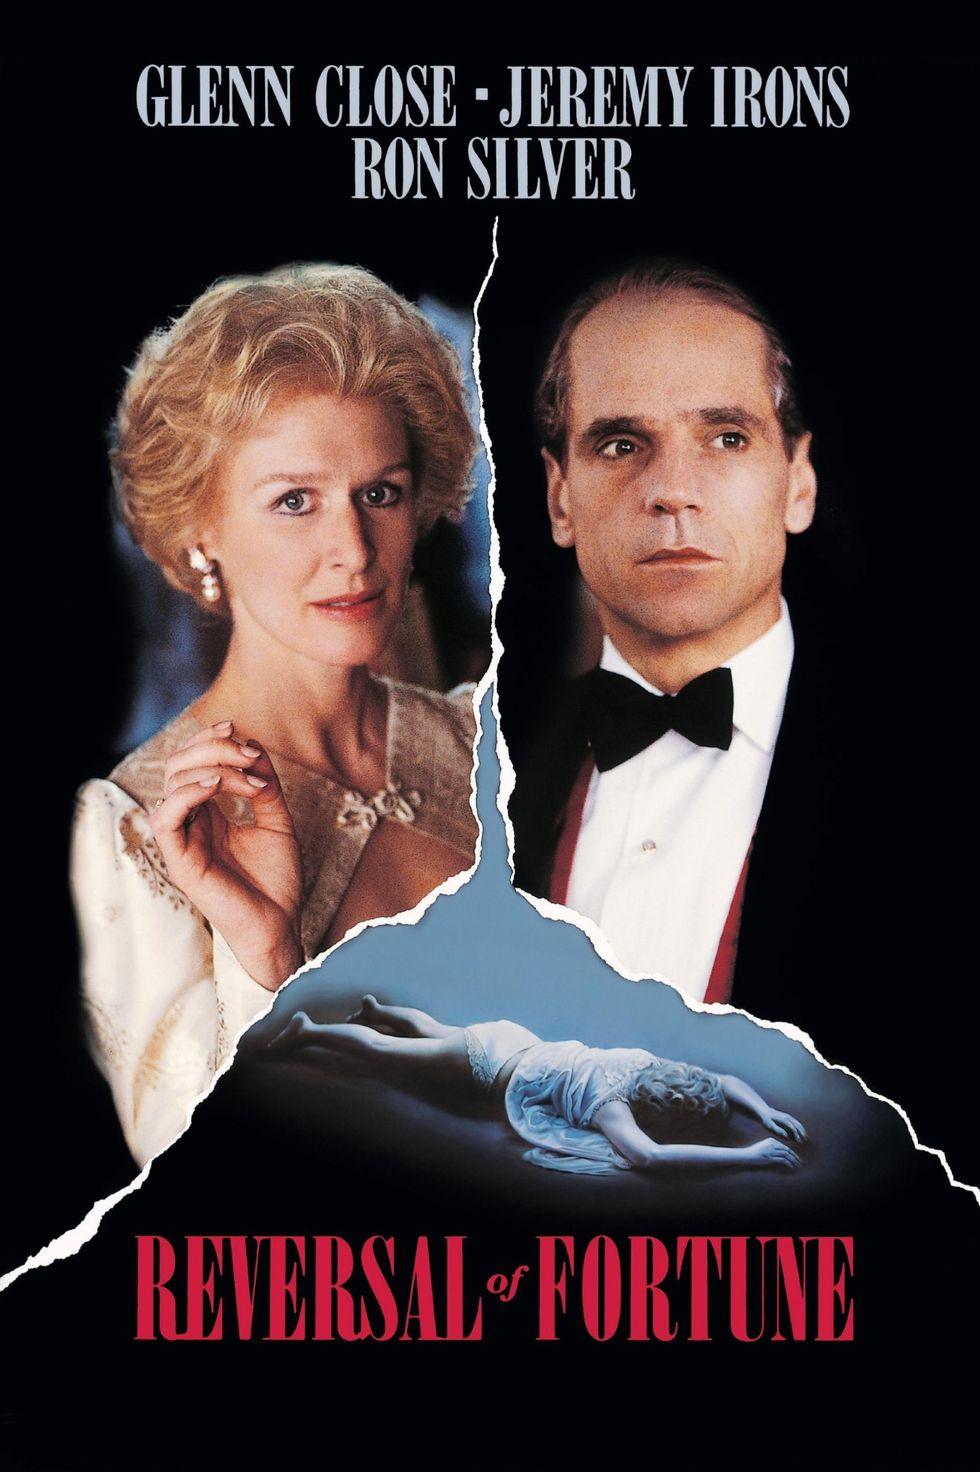 """""""Обрат на съдбата"""" (1990) Бизнесменът Клаус вон Бюлюв е обвинен в опит за убийство на жена си Съни в края на 70-те години. Той обаче наема суперадвоката Алън Дършоуит (по чиято книга е направен филмът) и той му спечелва оправдание. Историята представлява сага за предателството, за живота на богатите, но също и за американската правосъдна система и фундаменталните права на всеки, който е обвинен в престъпление. Звездите, които превръщат филма в един от най-вълнуващите трилъри на всички времена, са Глен Клоуз и Джеръми Айрънс, който печели награда """"Оскар"""" за най-добра мъжка роля."""